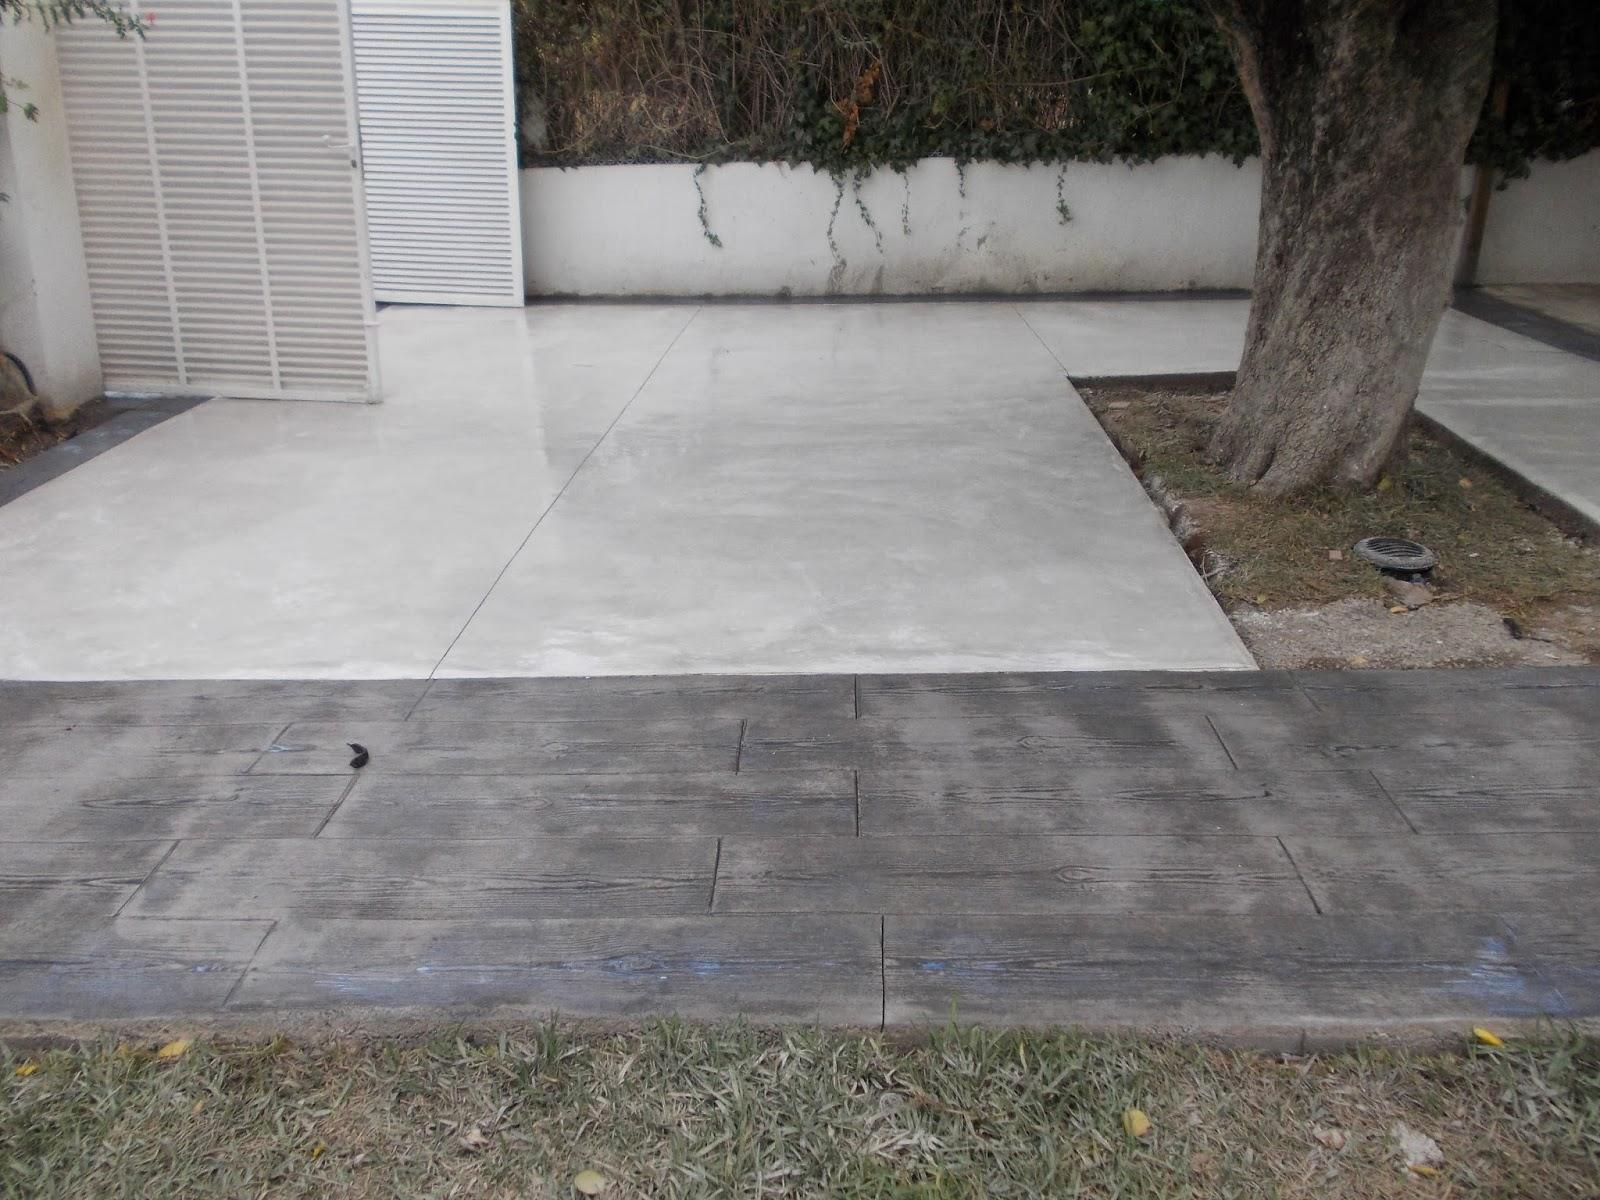 Pavimento continuo de hormigón en blanco , con hormigón impreso en ...